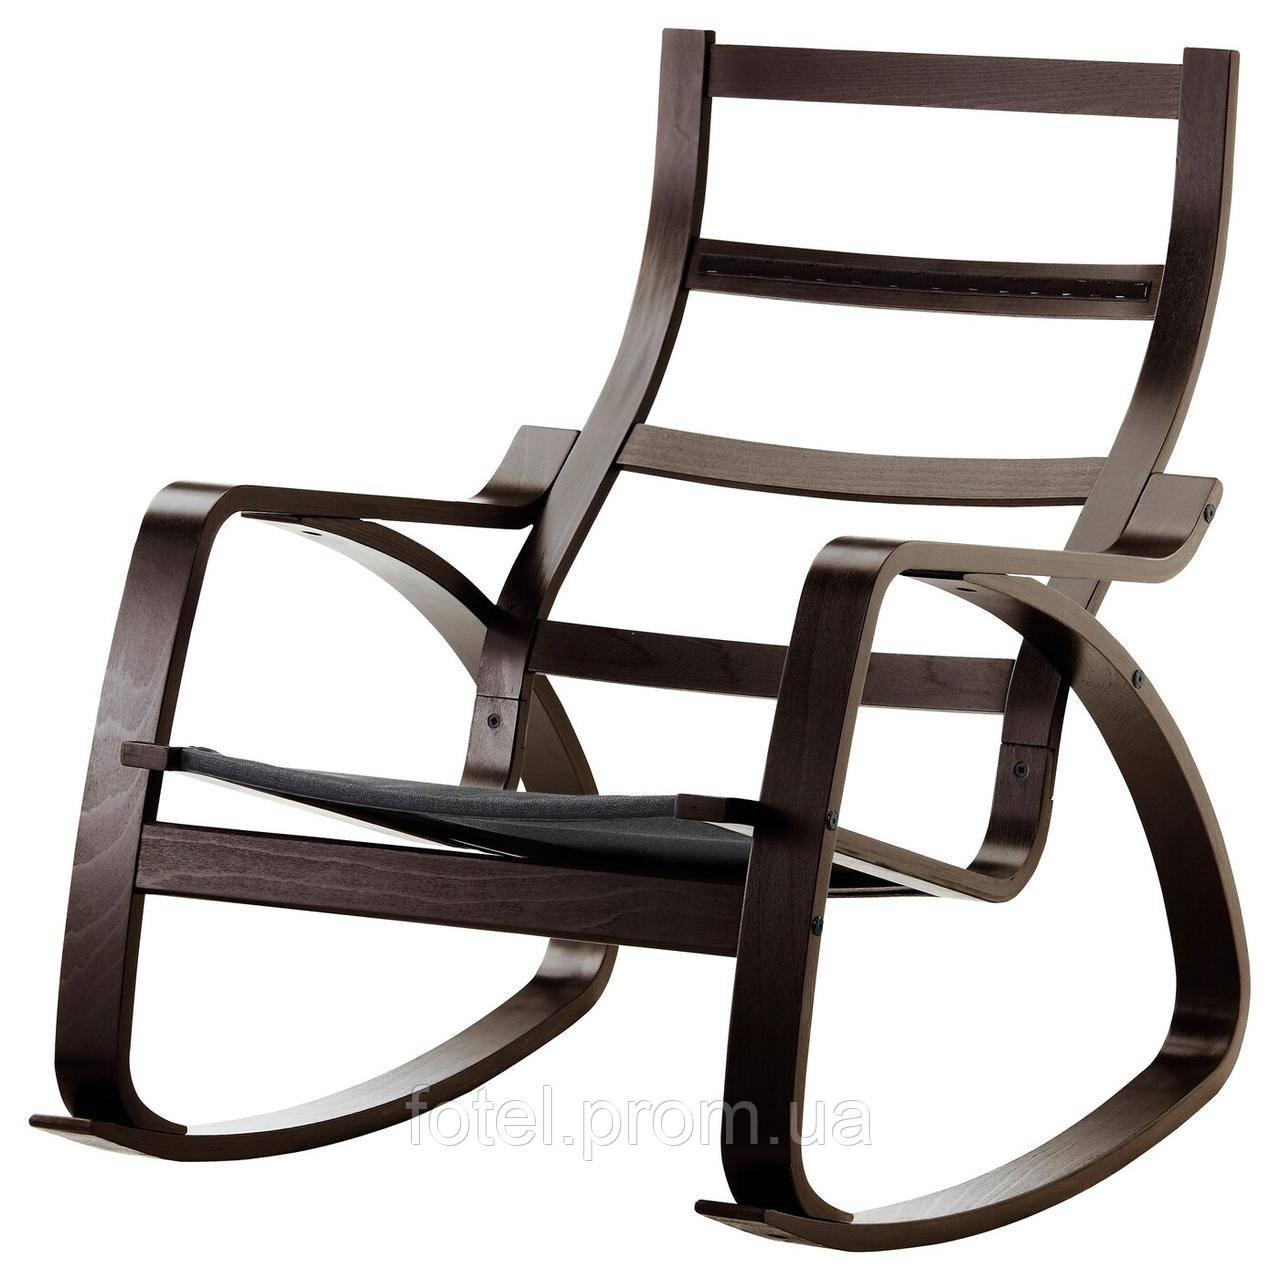 Ikea Poäng каркас кресла качалки черно коричневый 20224018 202 240 18 продажа цена в львове товары общее от Fotel Com Ua 953297252